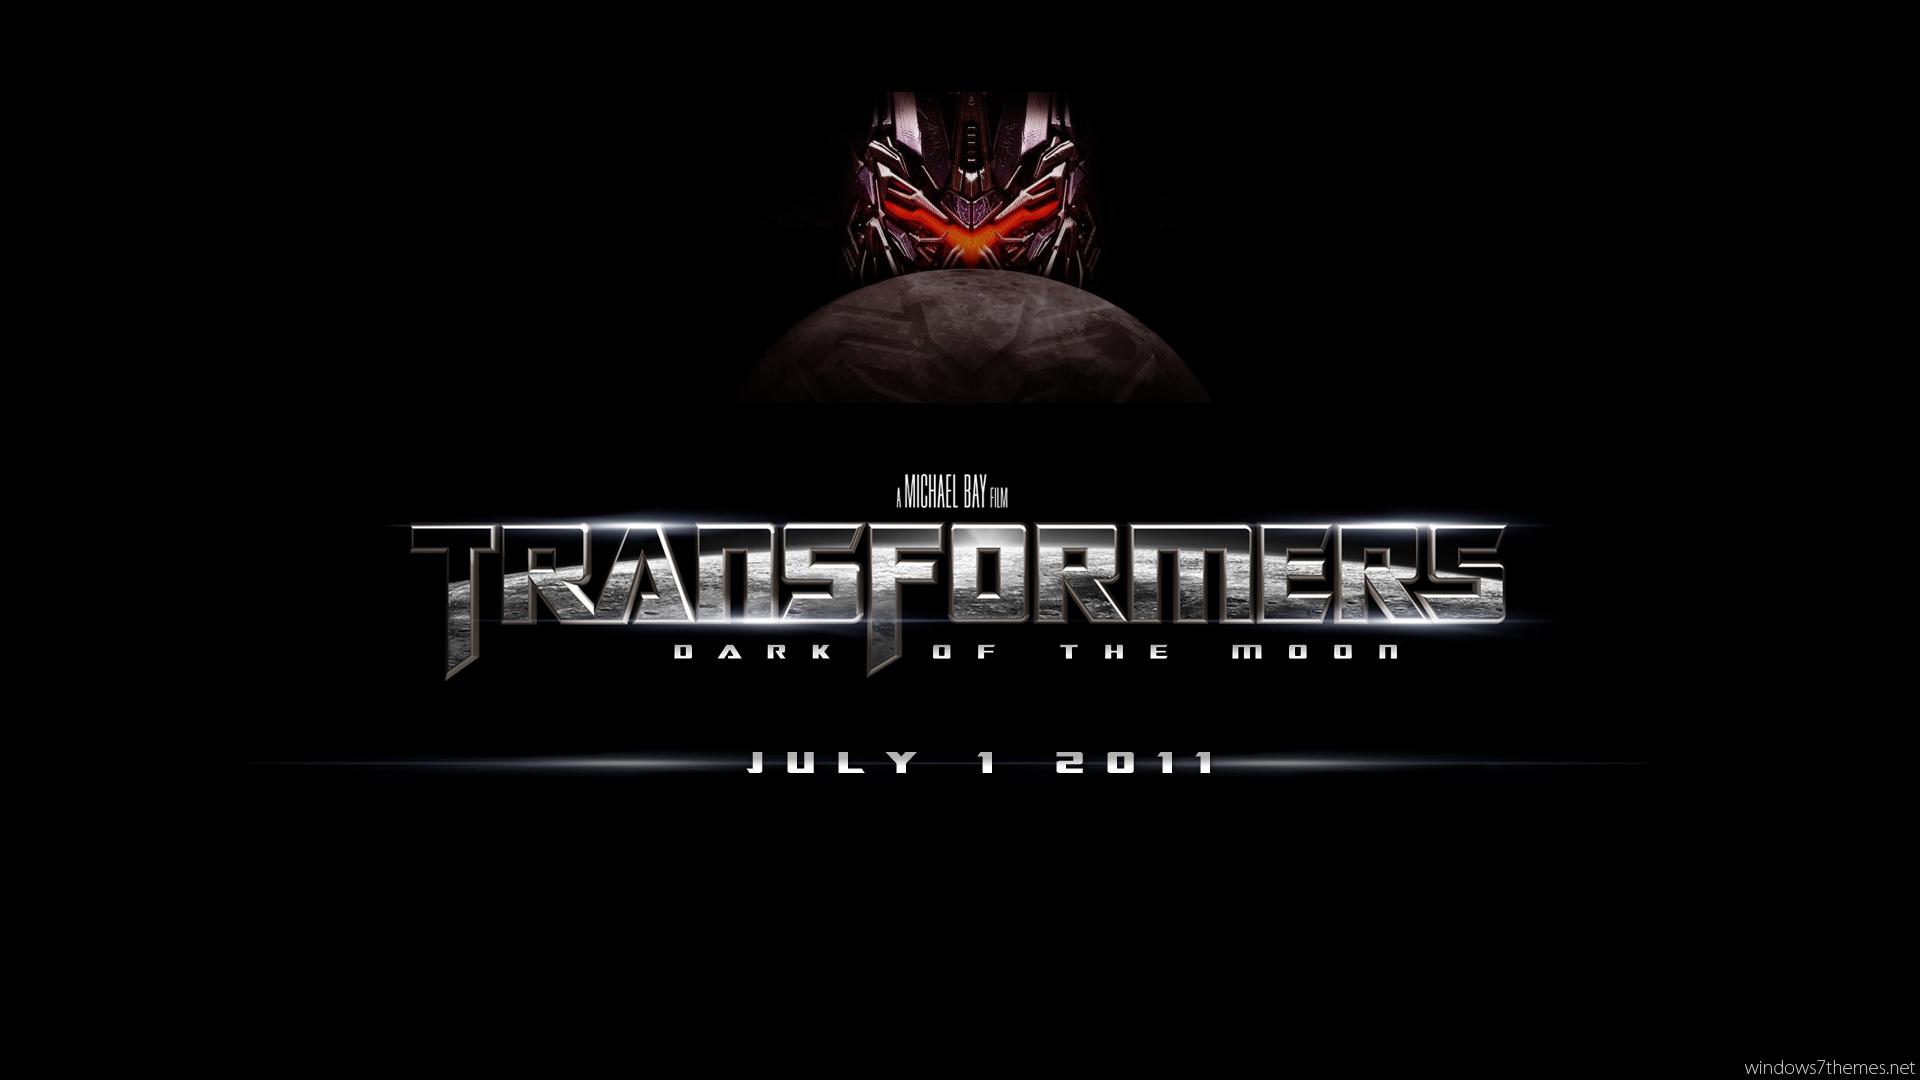 transformers logo wallpaper wallpapersafari